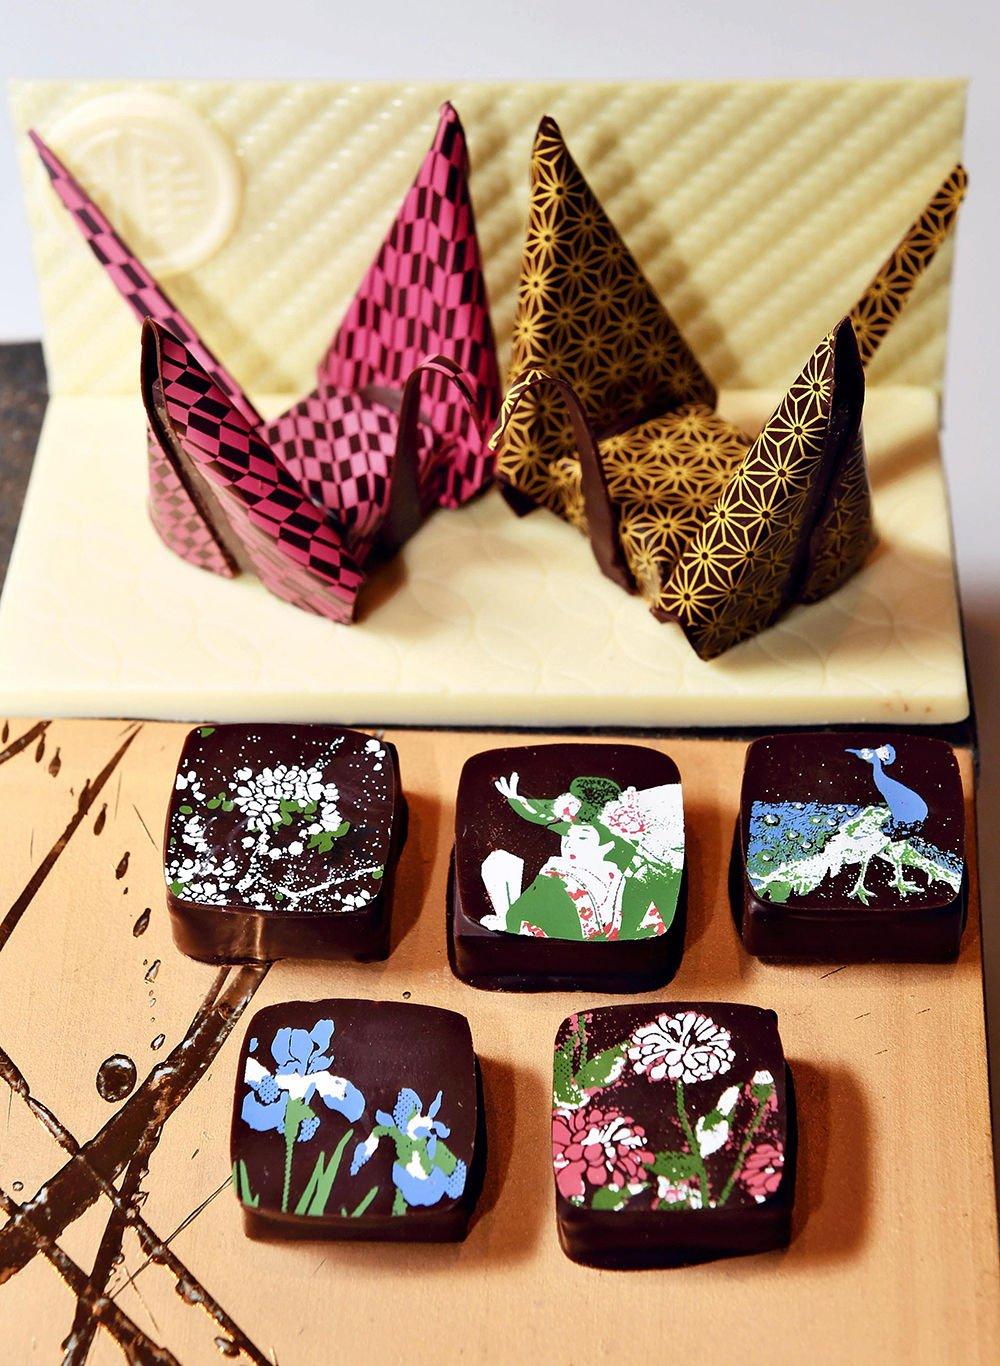 Chocolates reflect Japanese expression